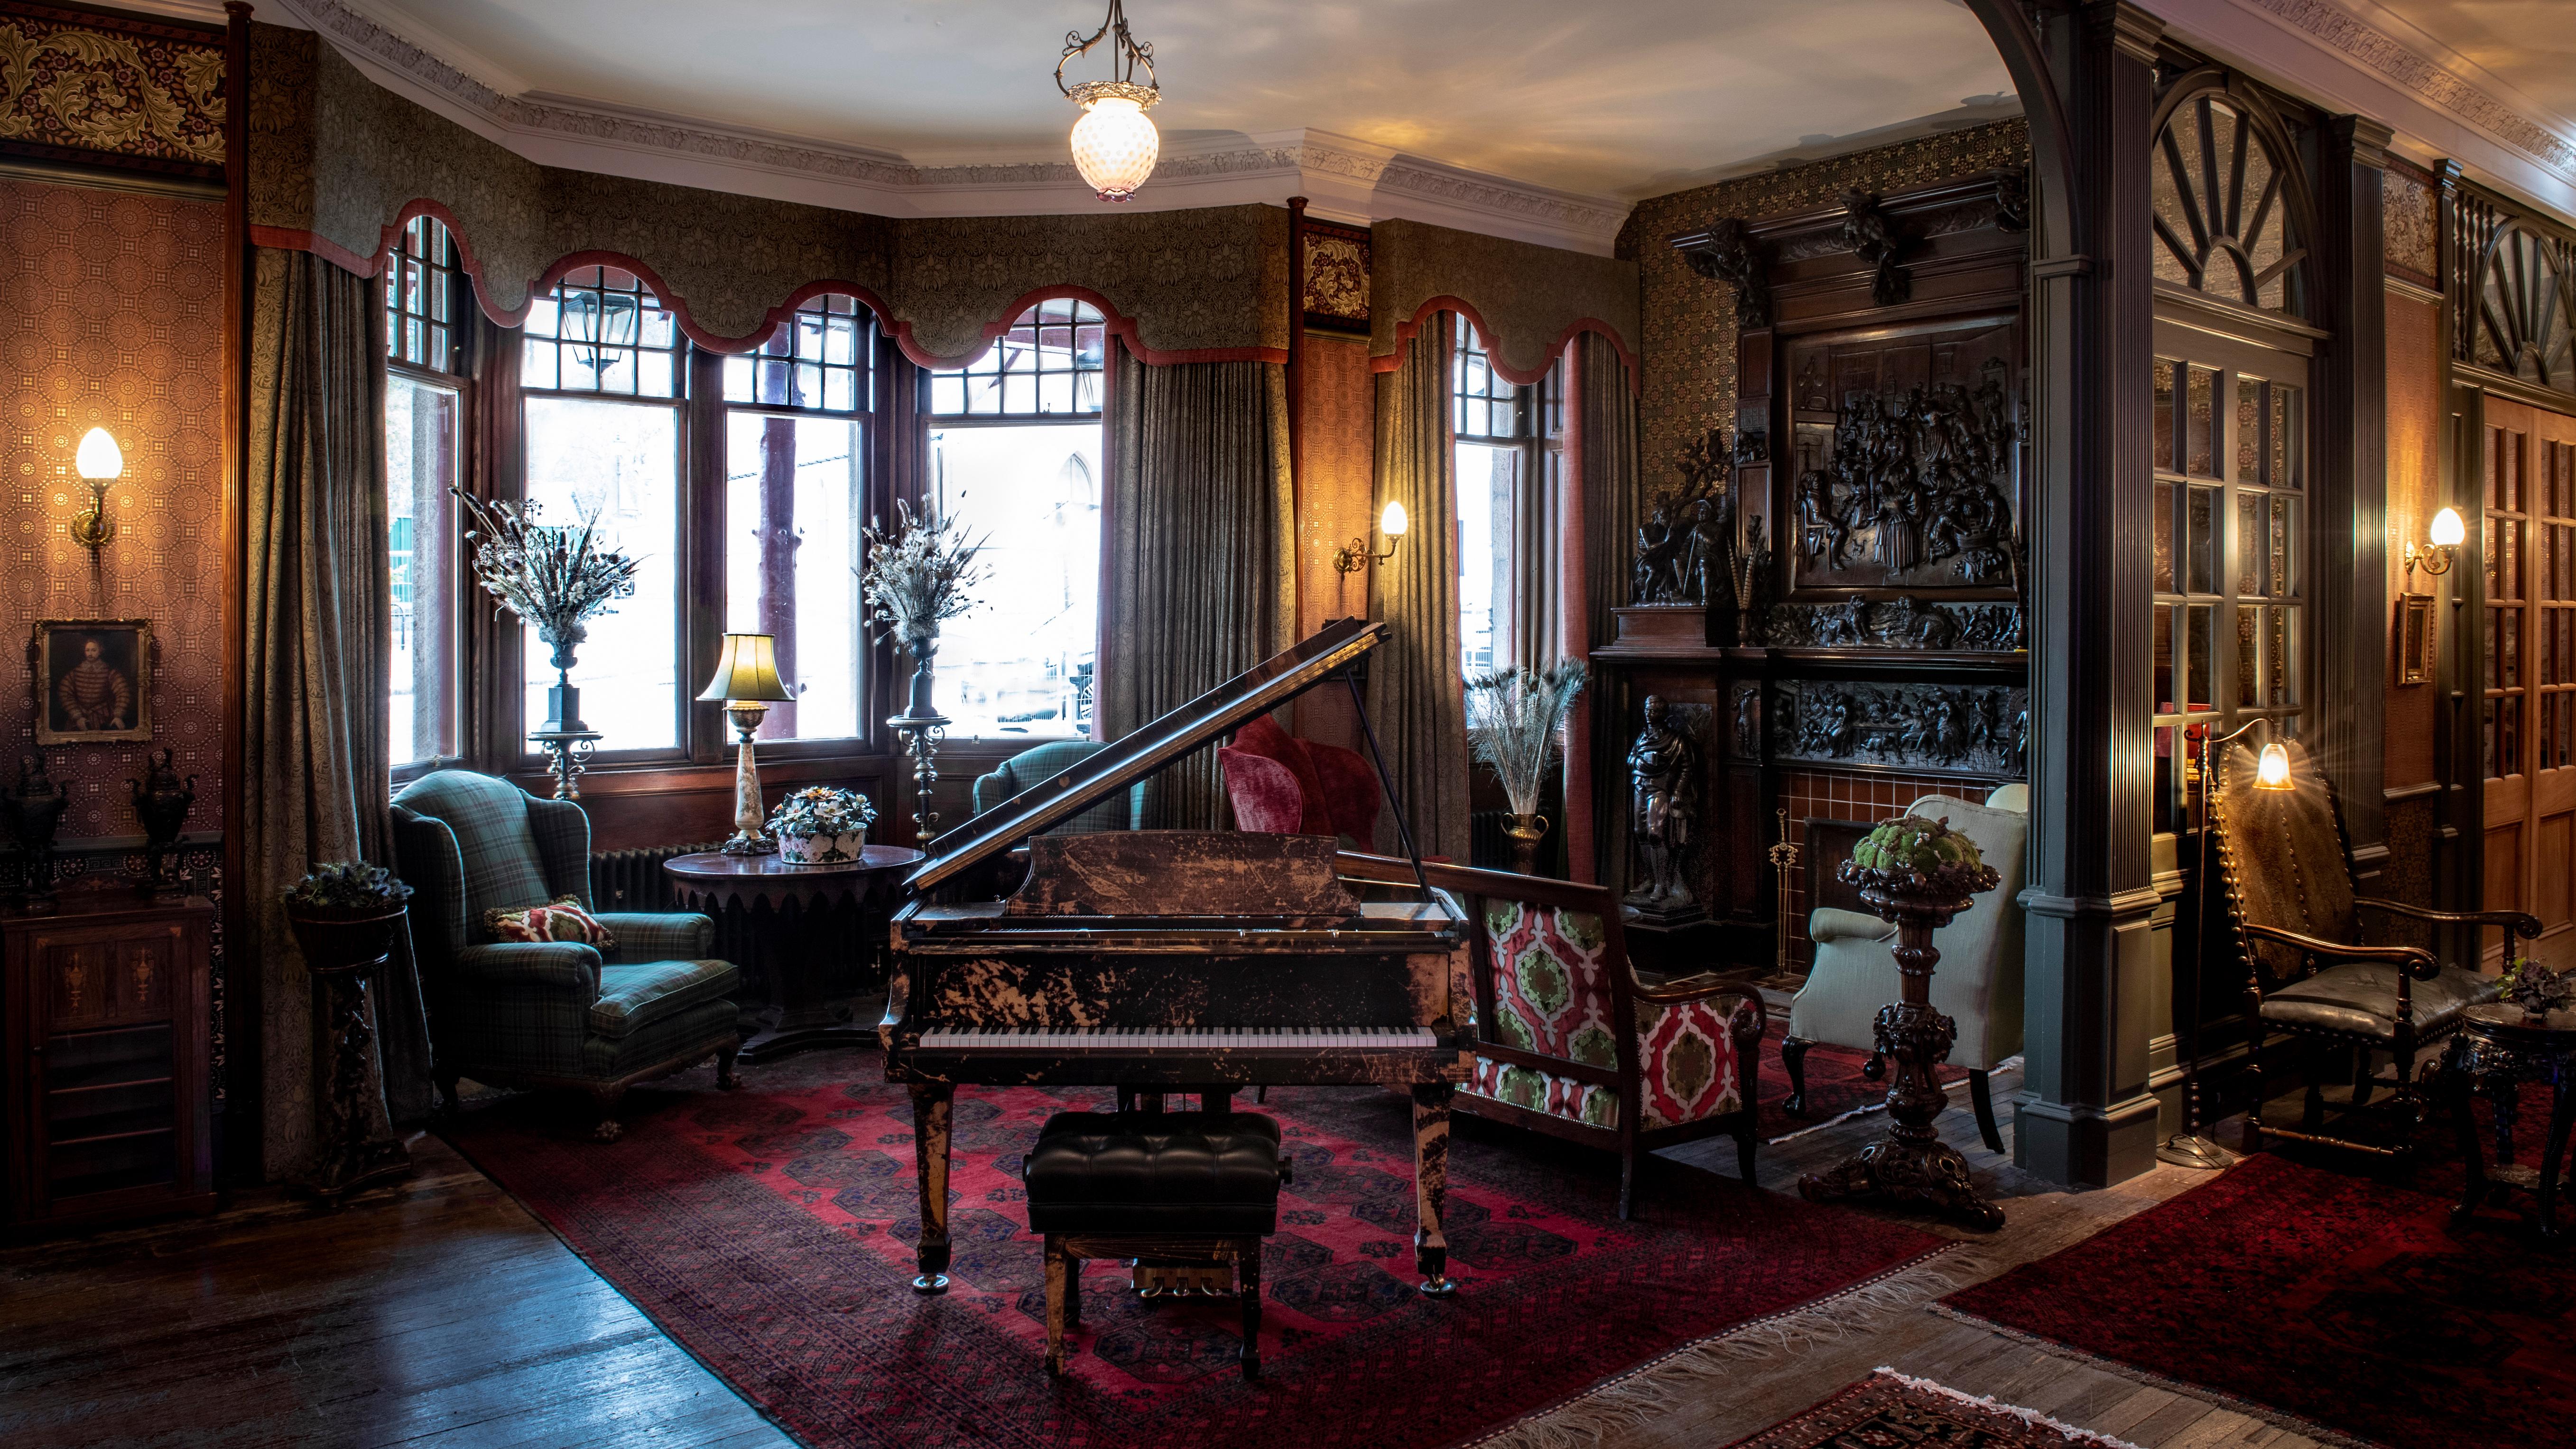 The Lobby at Fife Arms.